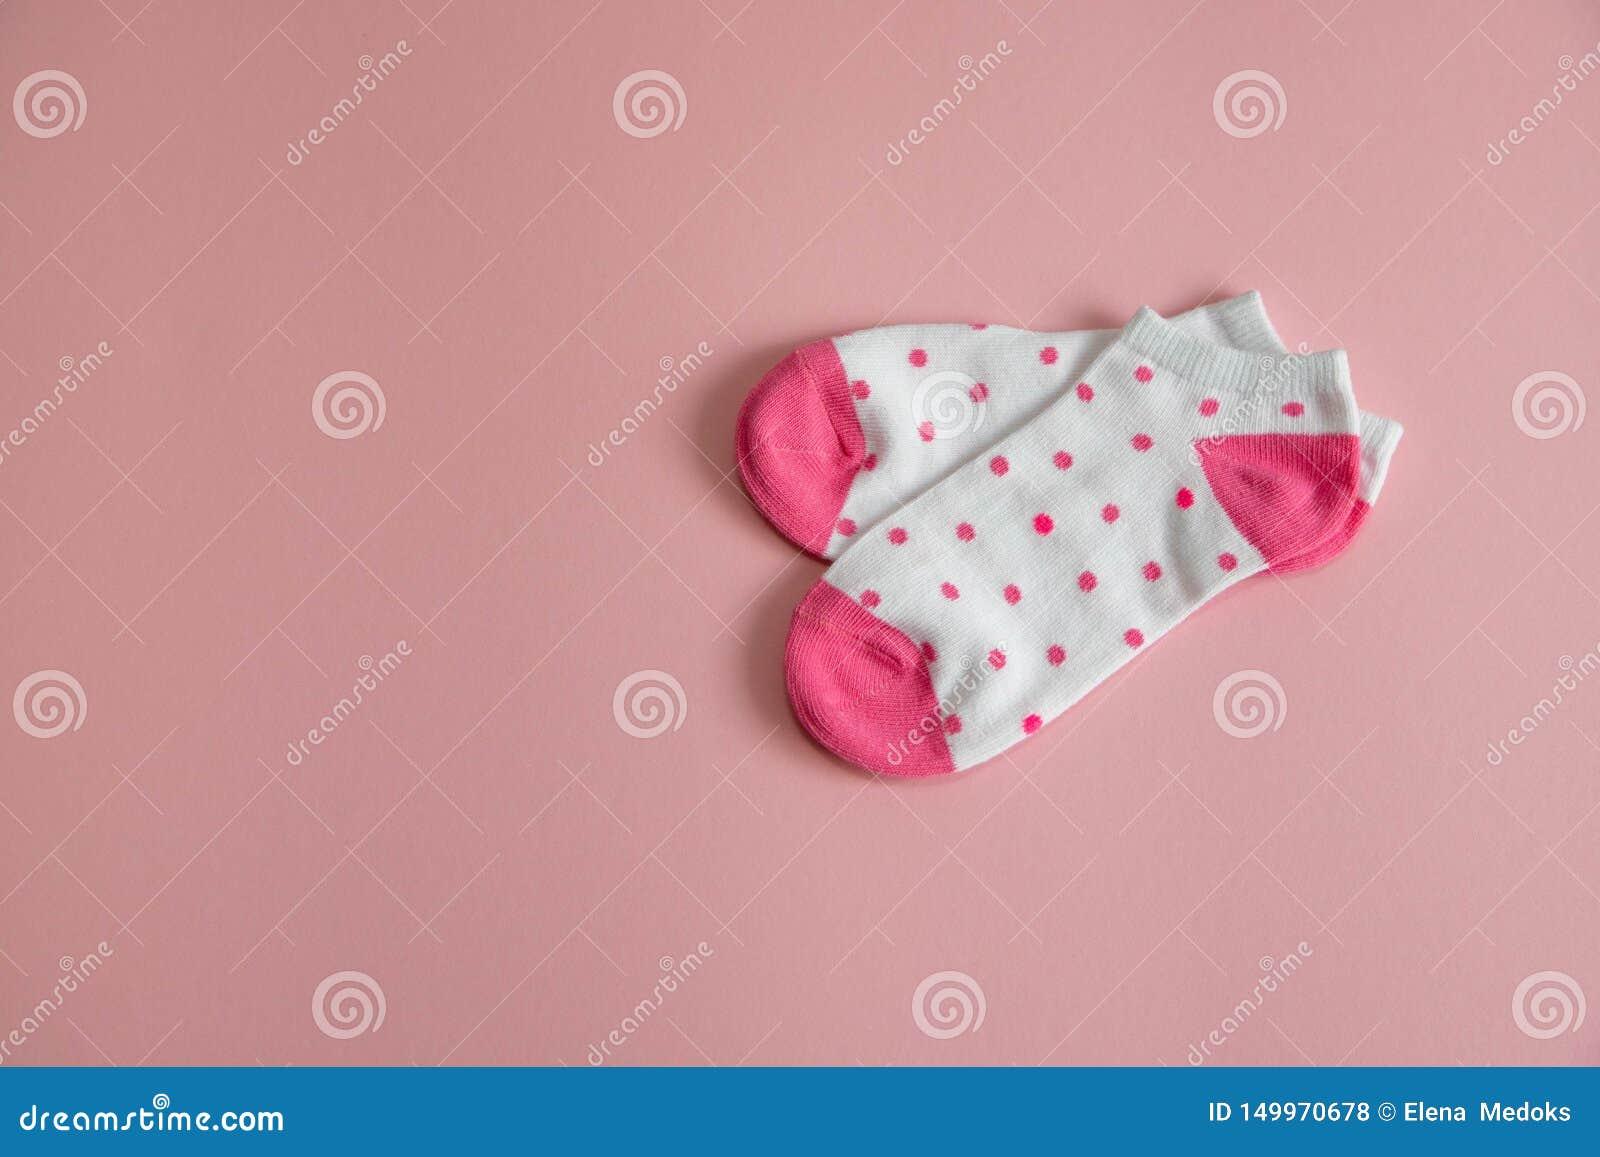 Un paio dei calzini bianchi per i bambini con i calzini rosa ed i talloni, con i punti rosa, su un fondo rosa Calzini per le raga